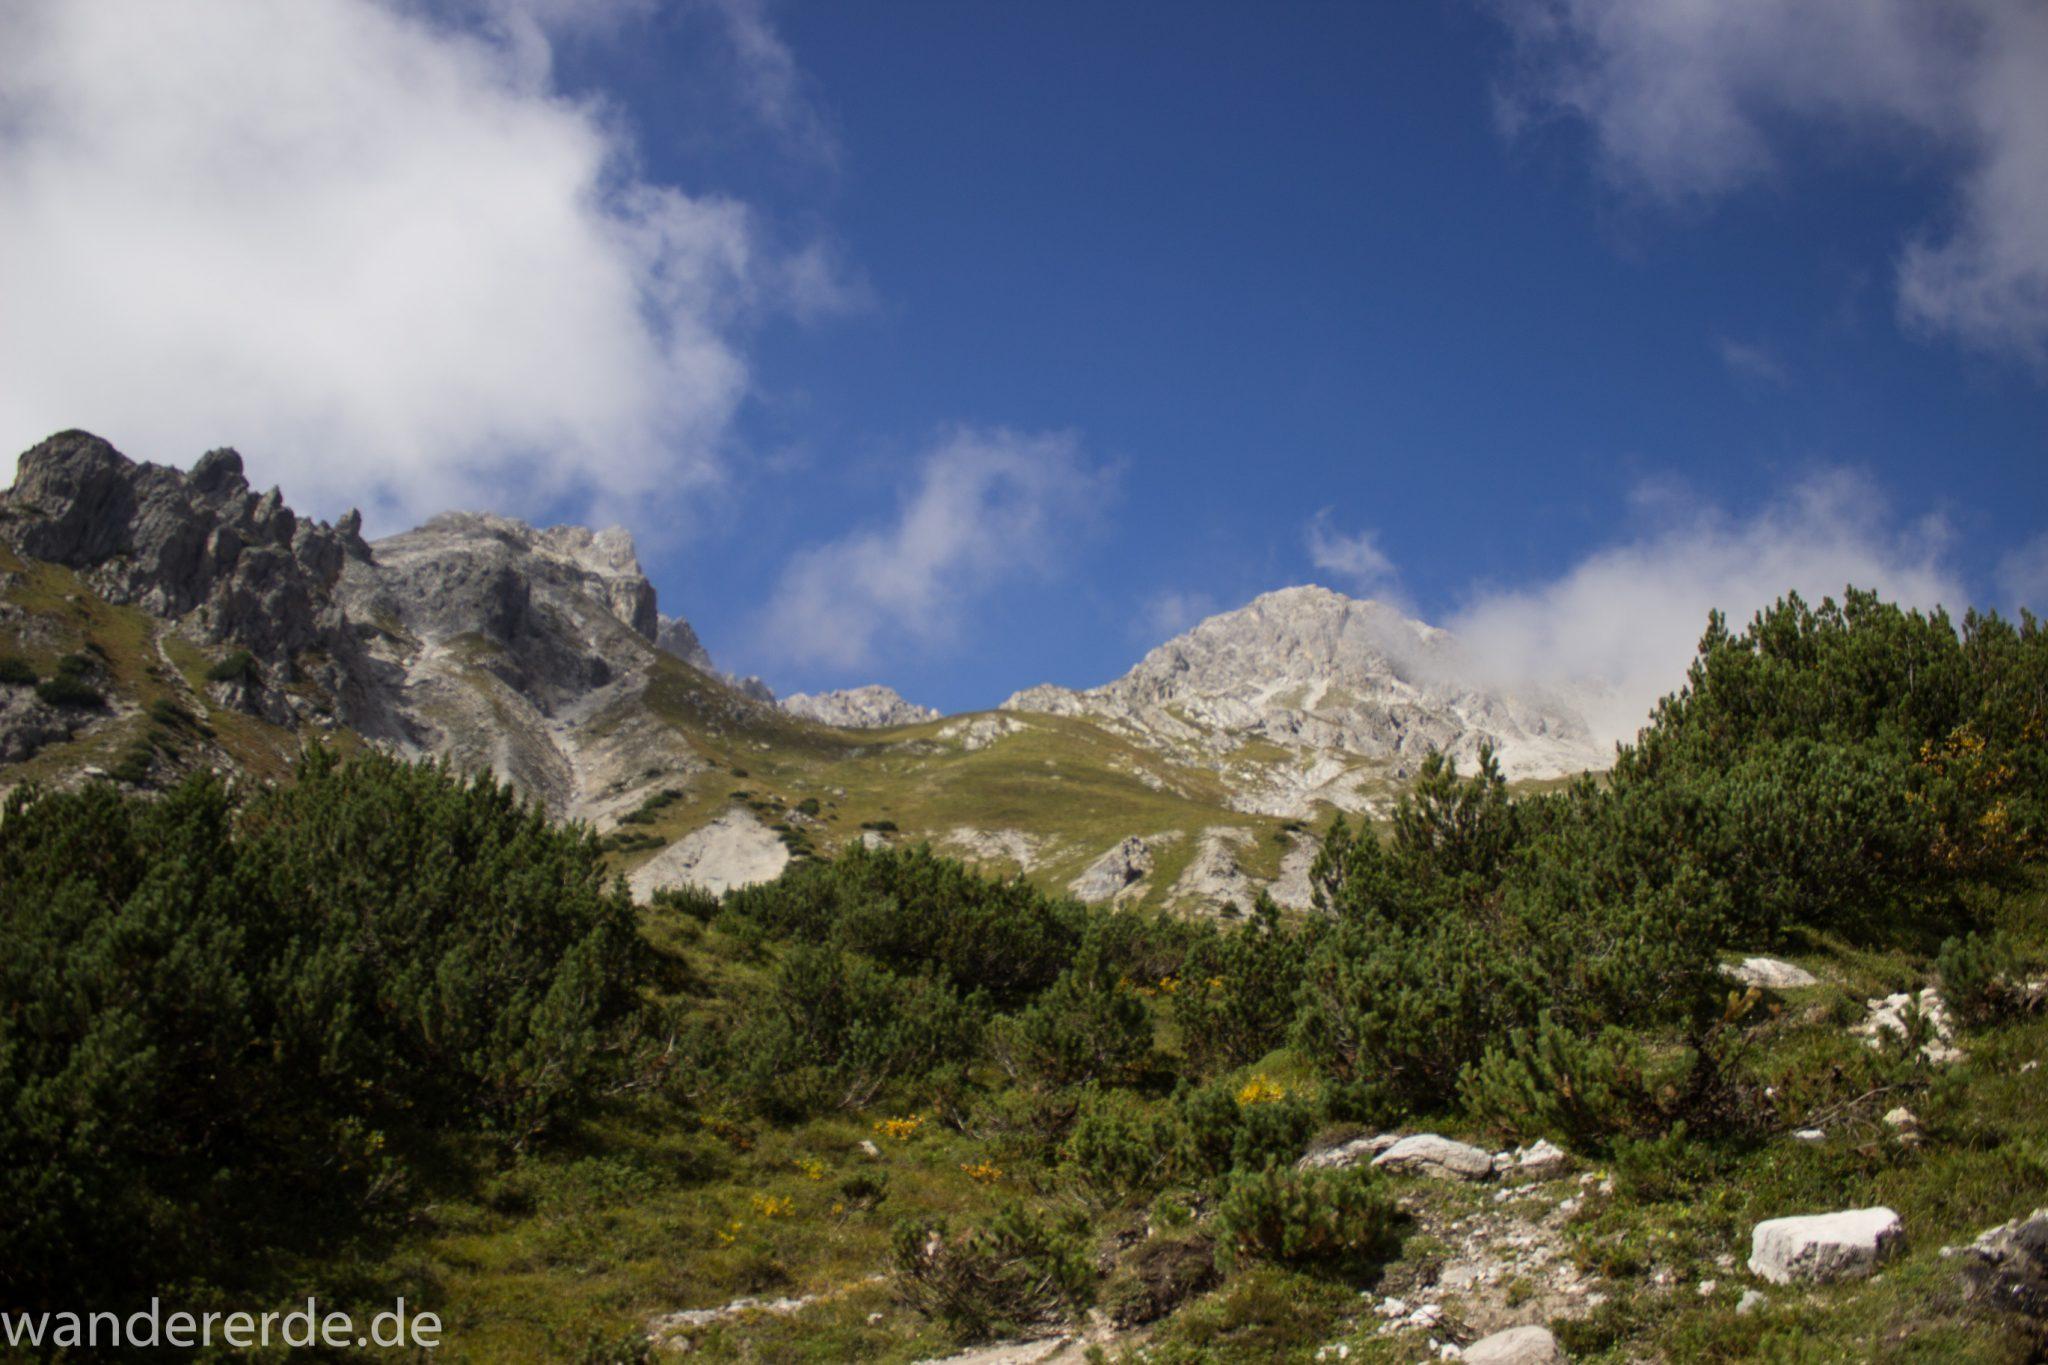 Alpenüberquerung Fernwanderweg E5 Oberstdorf Meran, 3. Etappe von Memminger Hütte zur Skihütte Zams, nach Erreichen der Seescharte folgt ein sehr langer und steiler Abstieg ins Lochbachtal auf schmalem Wanderpfad Richtung Zams, Aussicht auf Berge der Alpen und Bergwiesen, grüne Vegetation ist wieder erreicht